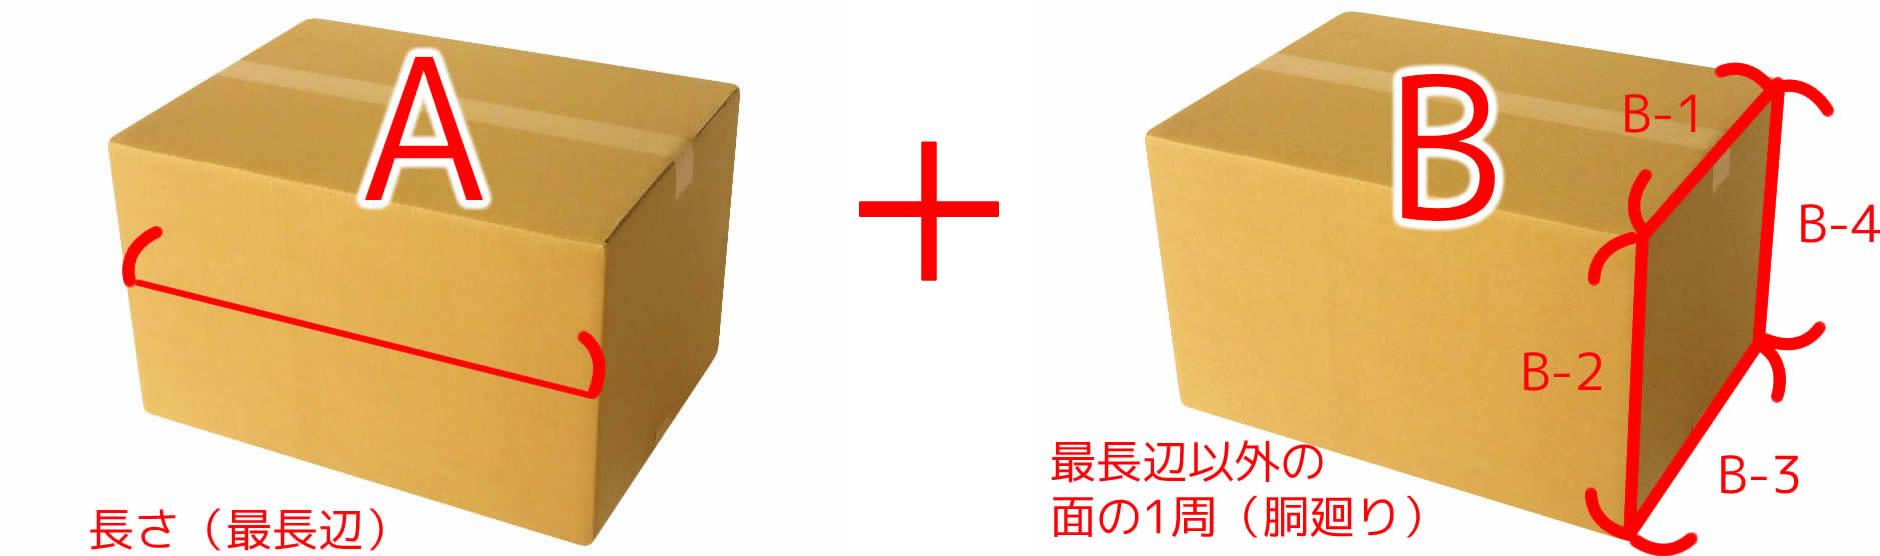 梱包サイズの図り方